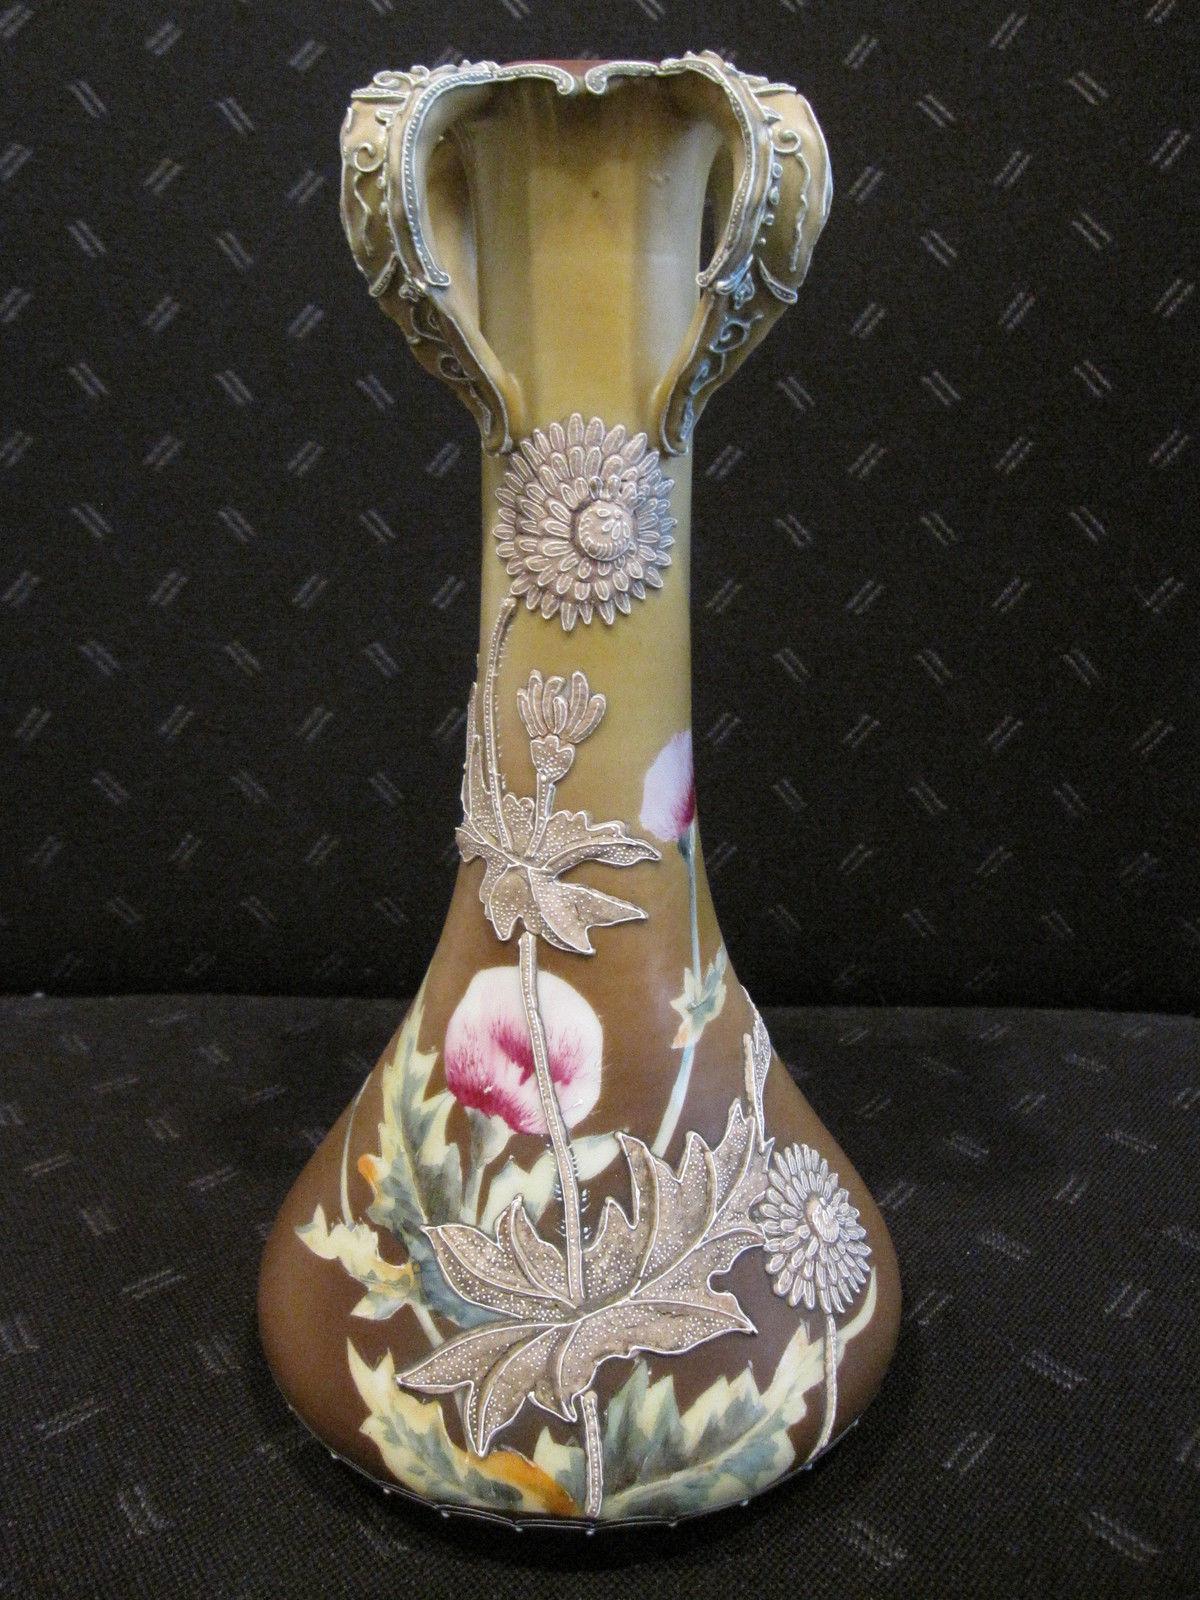 オールドノリタケの盛上技法を使った花瓶